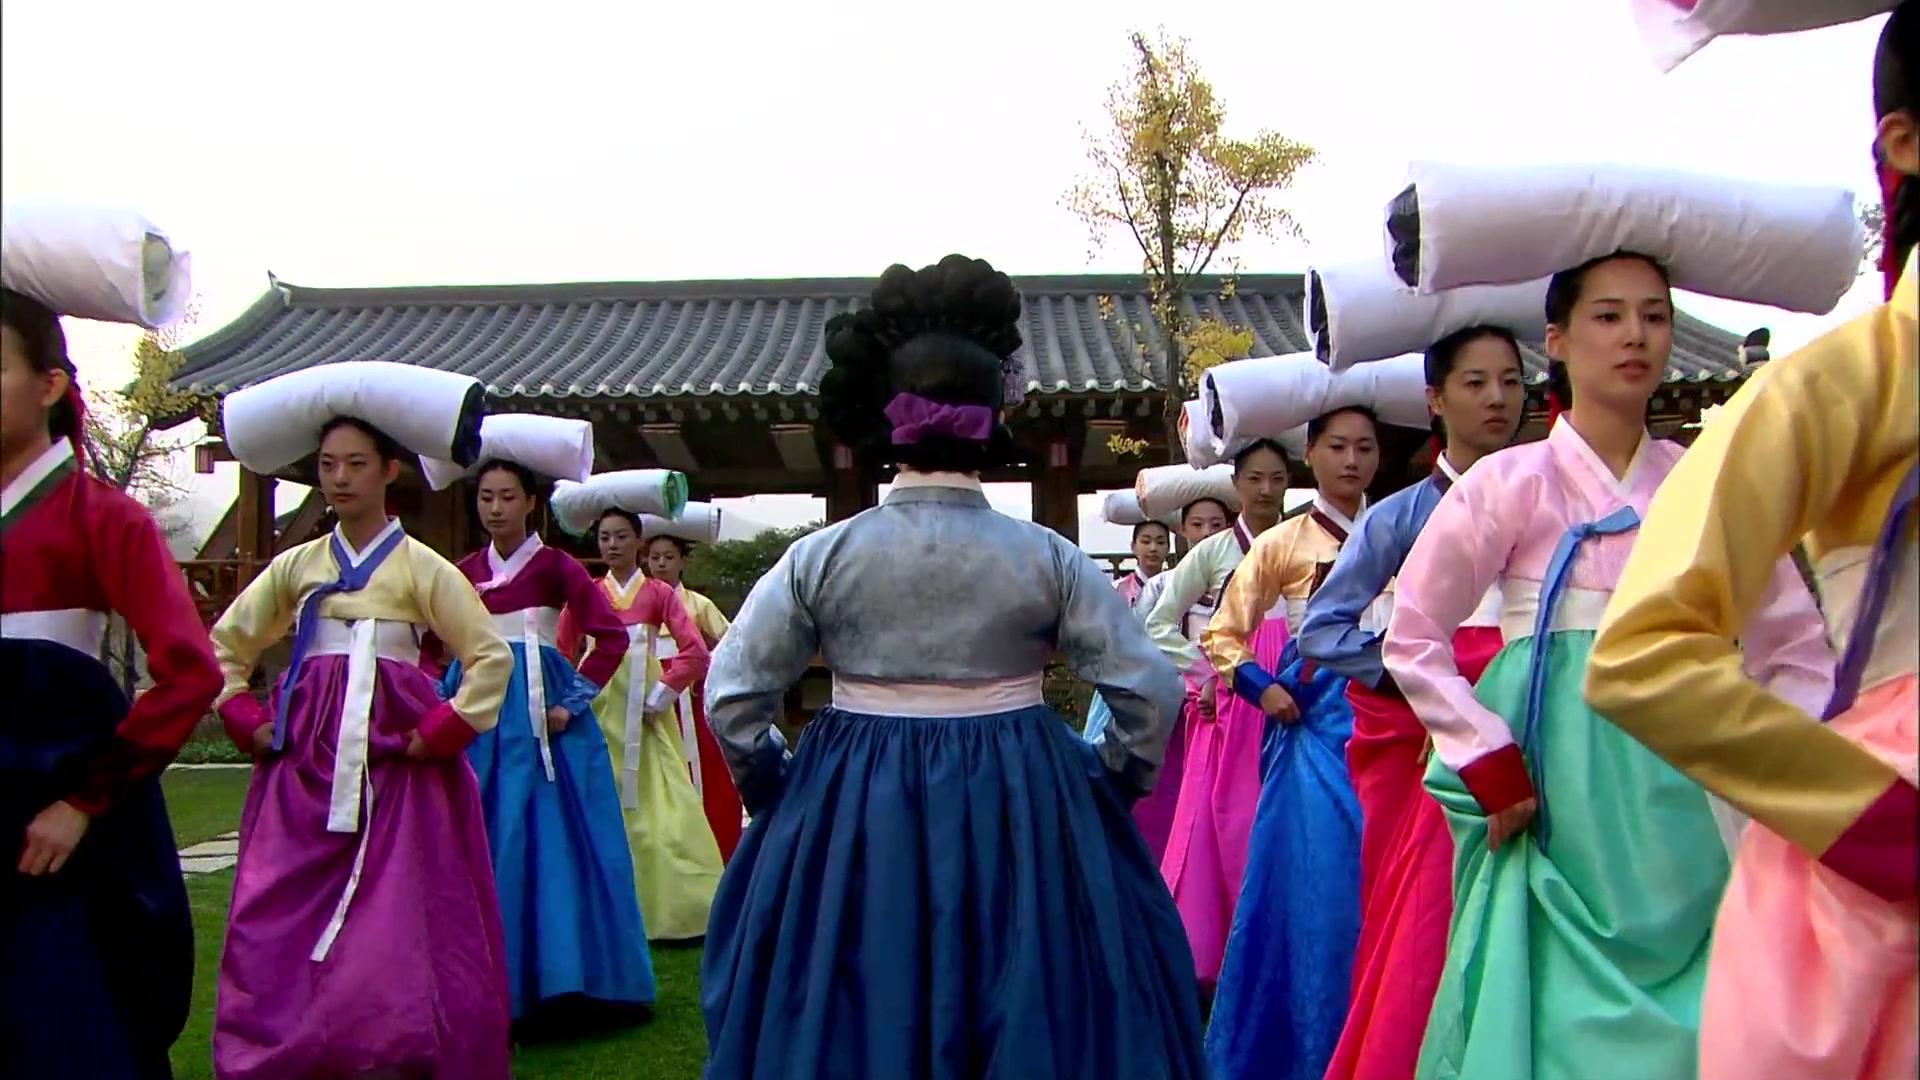 Hwangjini Episode 3